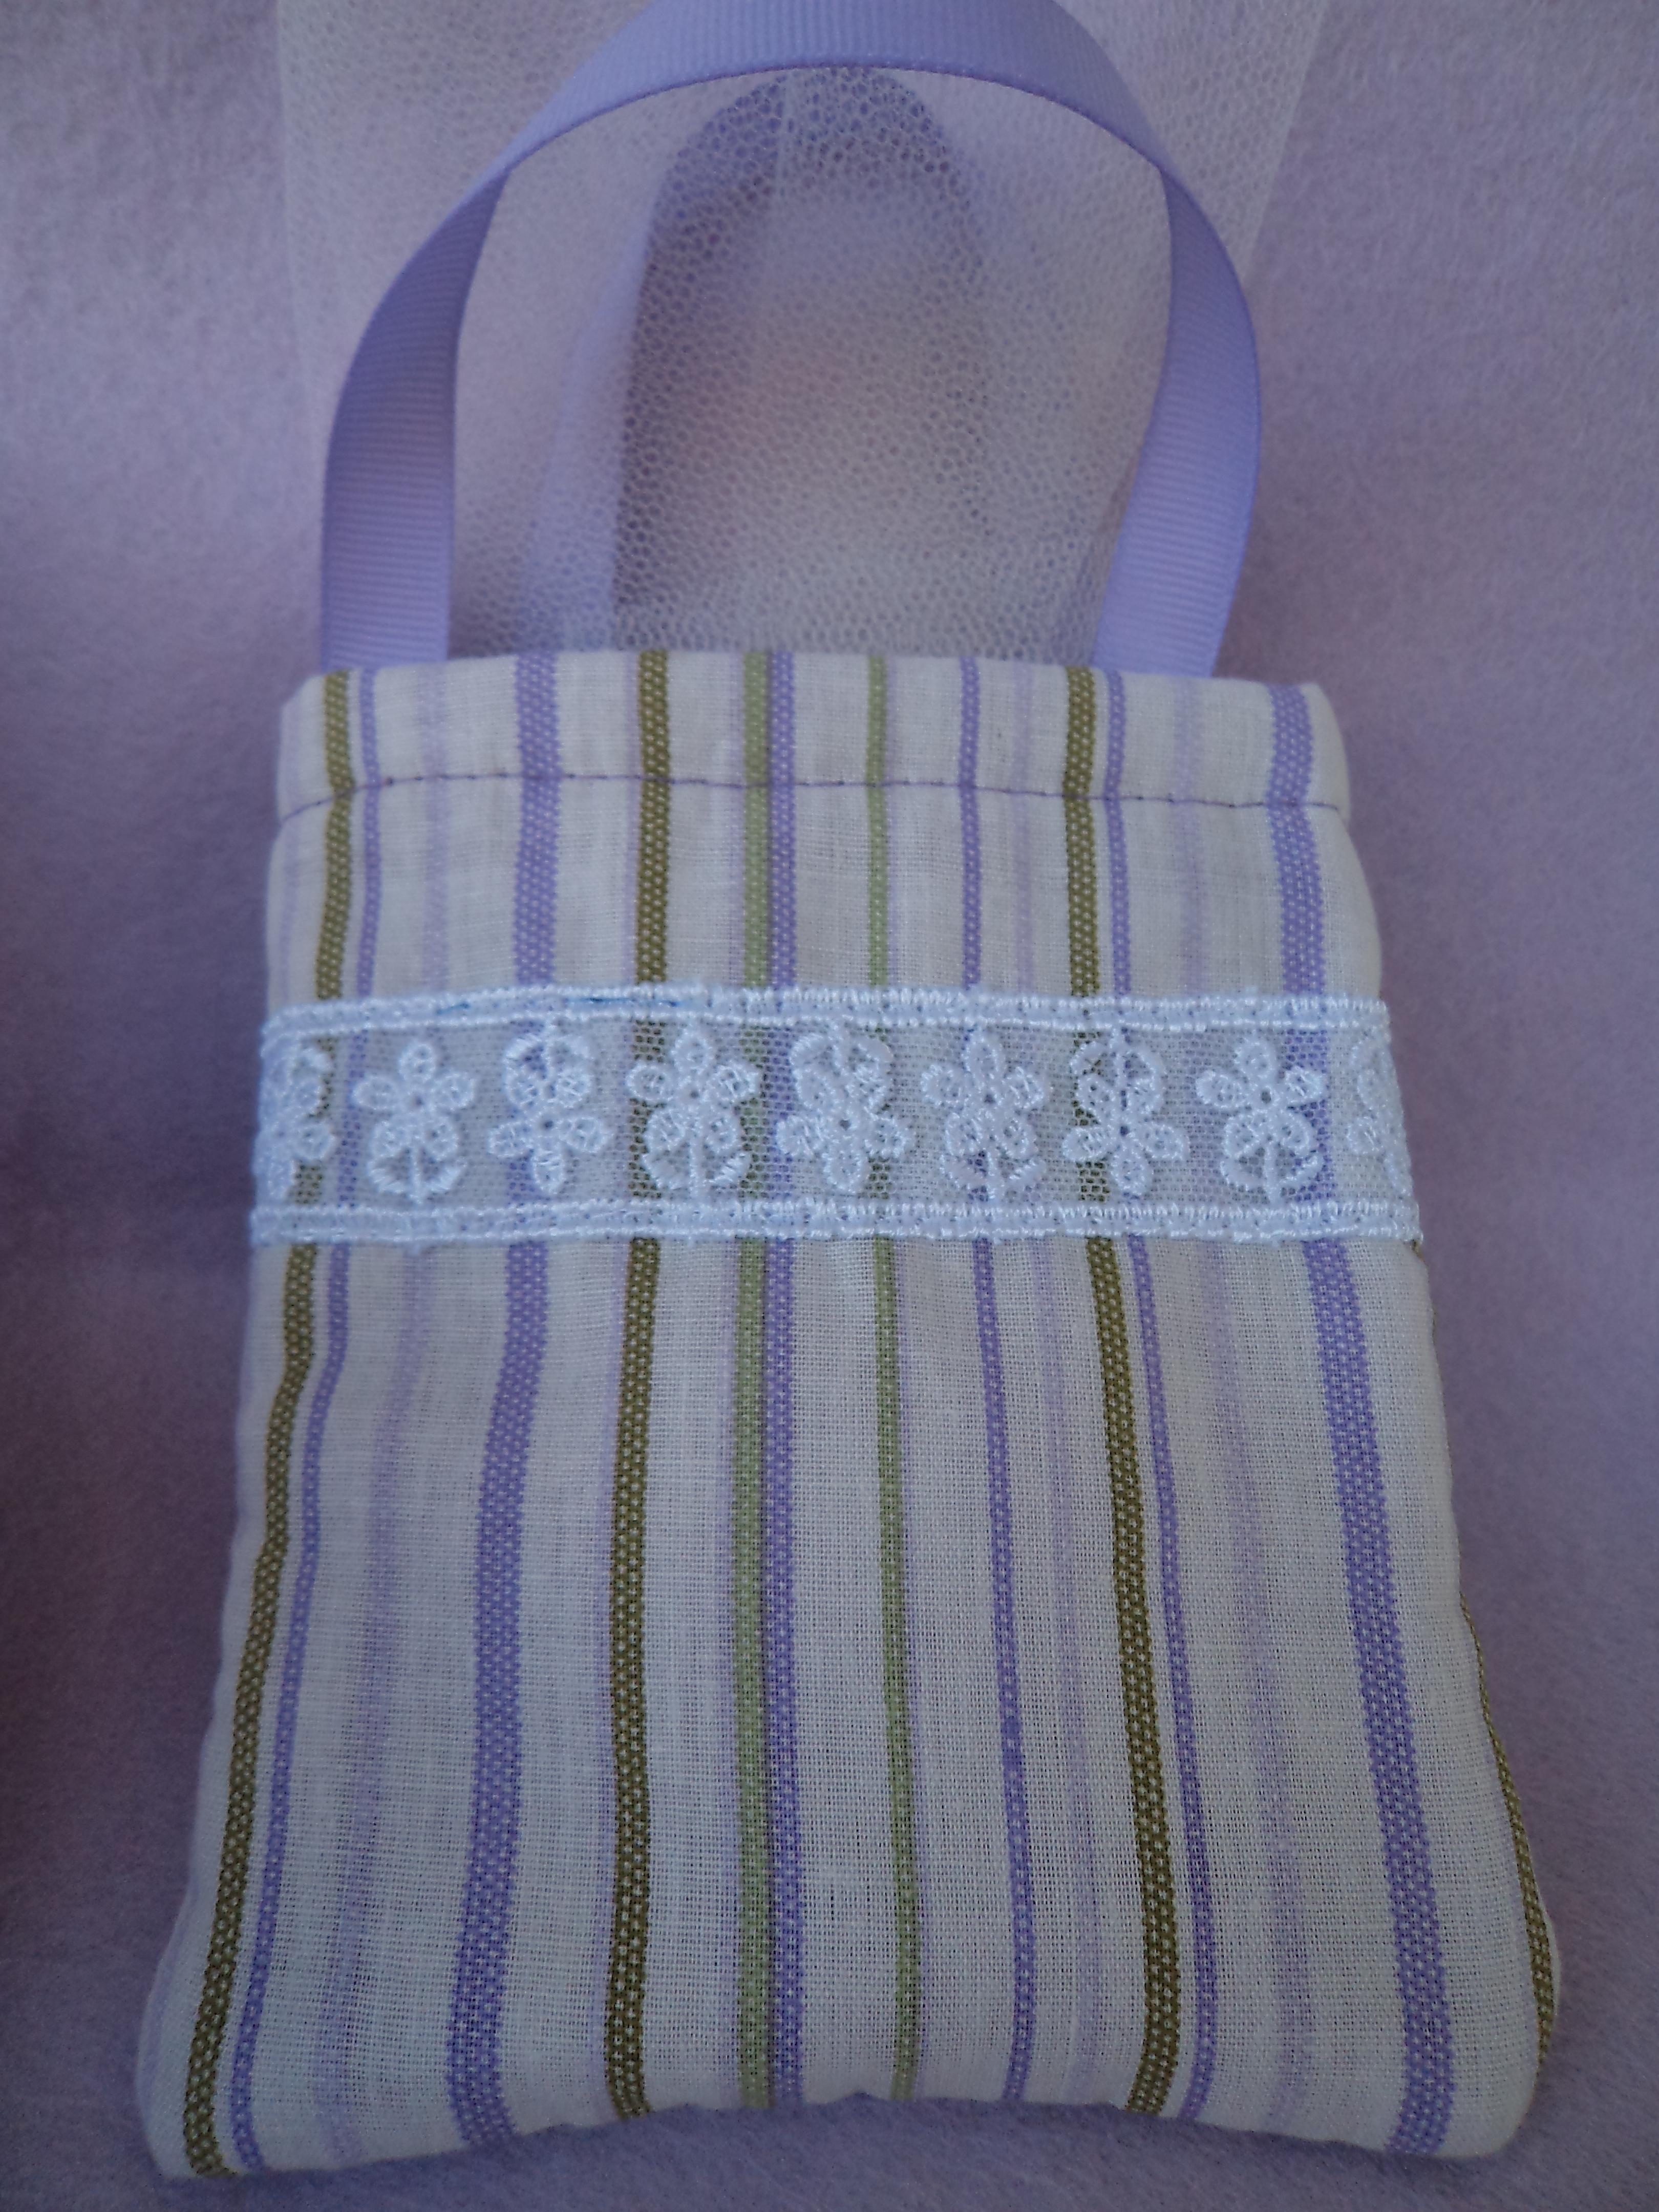 595f04f41d Υφασμάτινο χειροποίητο τσαντάκι για βάπτιση κοριτσιού επενδυμένο με μωβ  τσόχα και διακοσμημένο με τρέσα από δαντέλα και χερούλια από μωβ κορδέλα  γκρο.